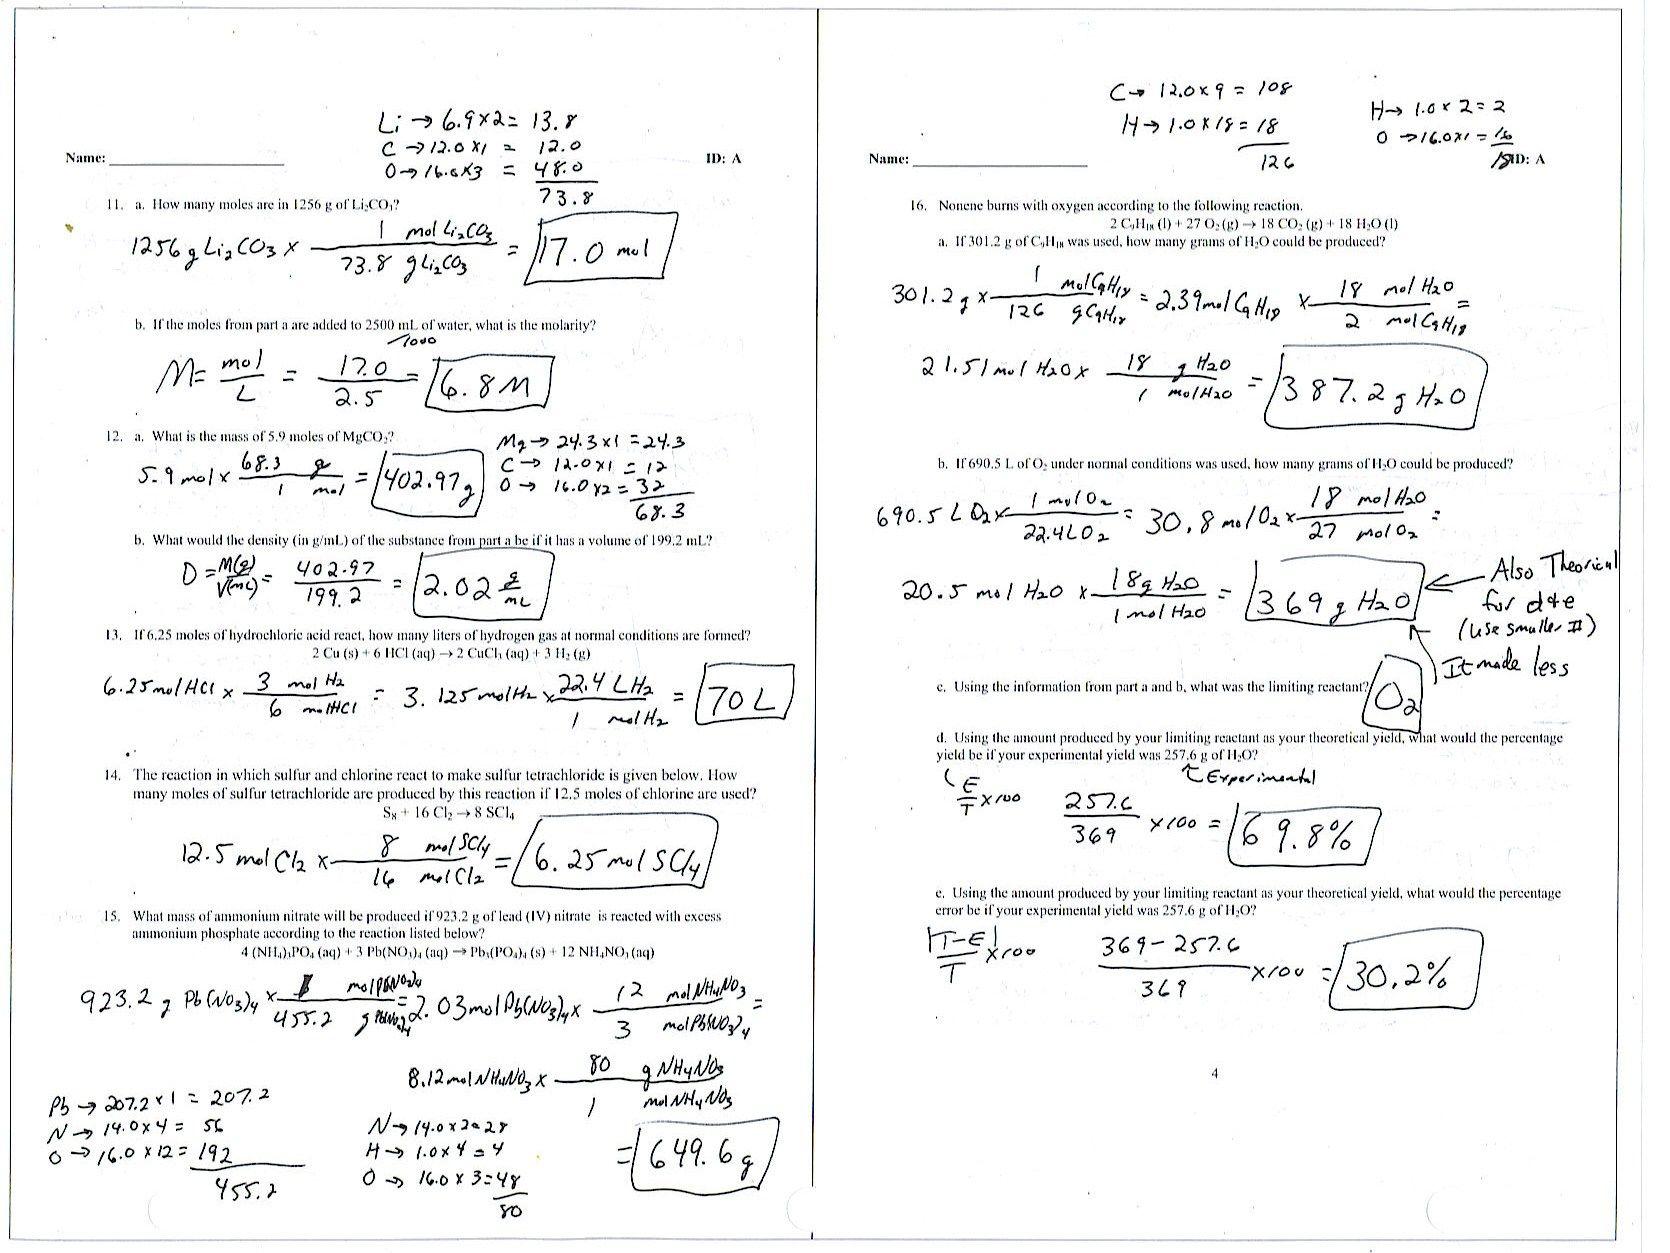 medium resolution of https://cute766.info/density-column-worksheet-de-6-by-bluebird-teaching/